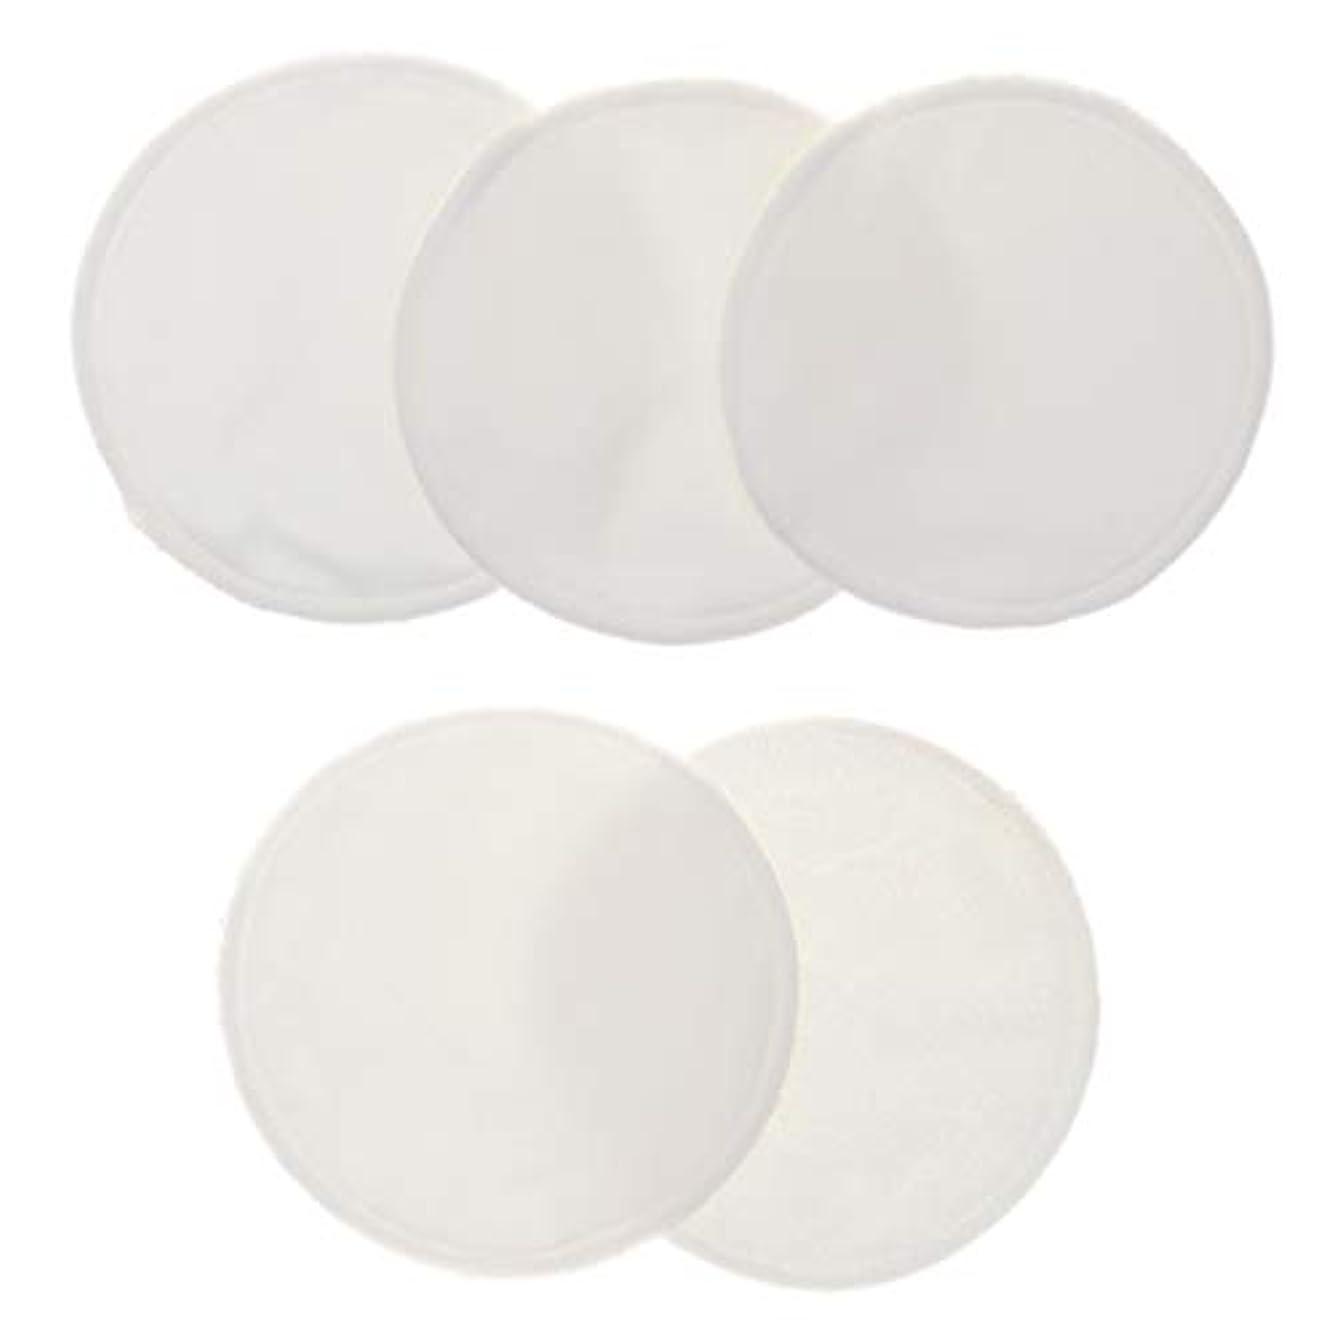 開業医優れたラジウムCUTICATE 5個 クレンジングシート 胸パッド 化粧用 竹繊維 円形 12cm 洗える 再使用可能 耐久性 全5色 - 白